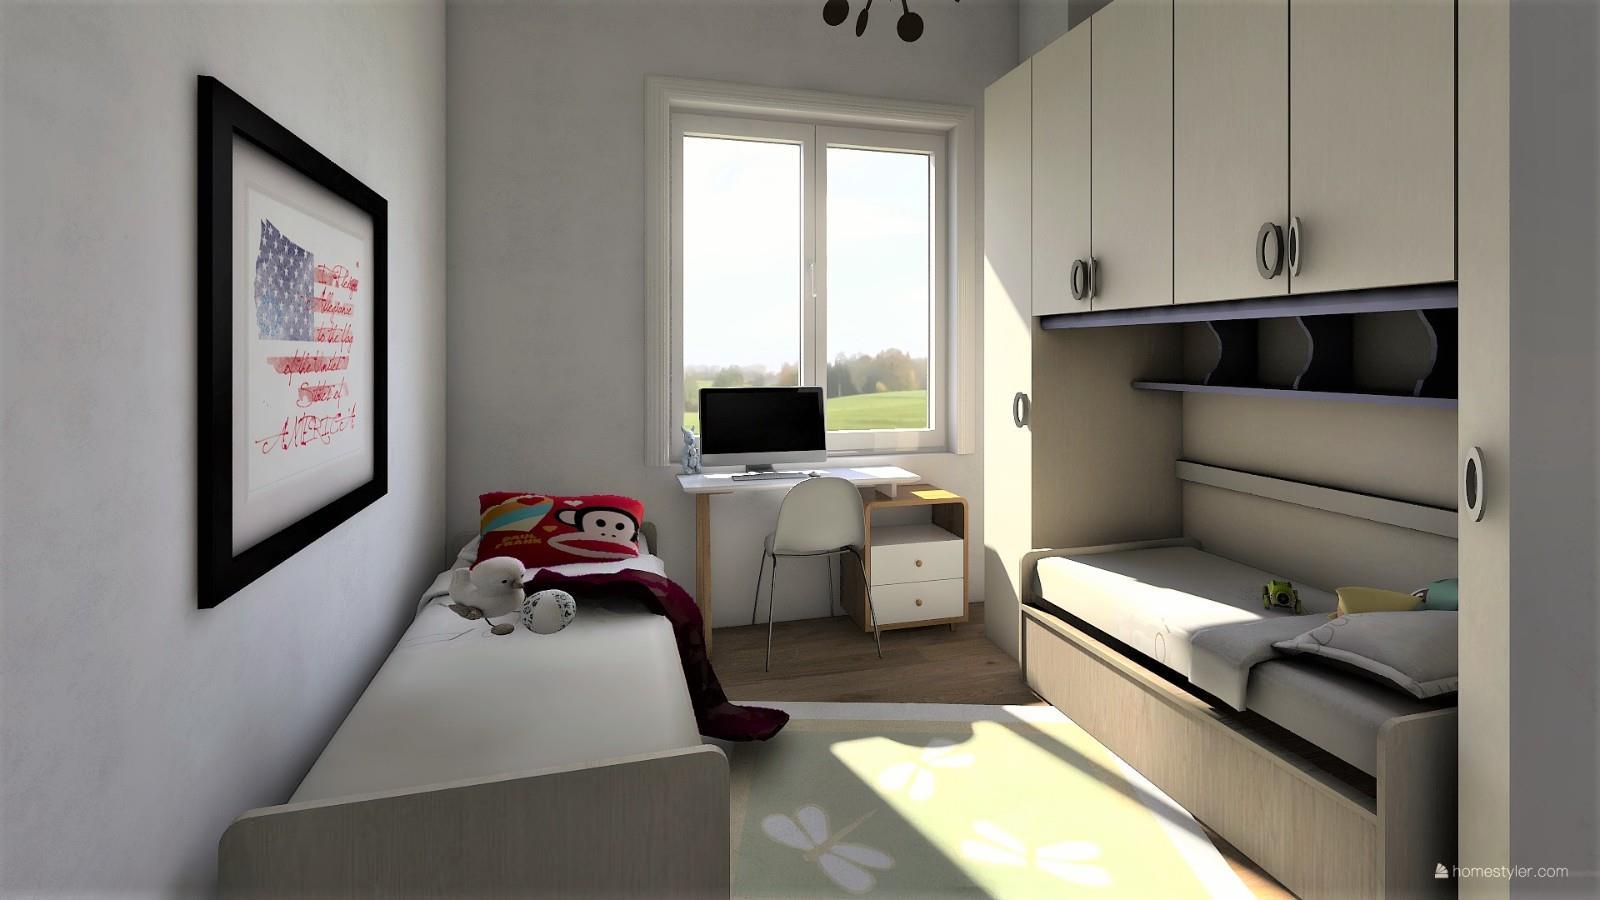 Foto 3 - Appartamento in Vendita - Concorezzo (Monza e Brianza)